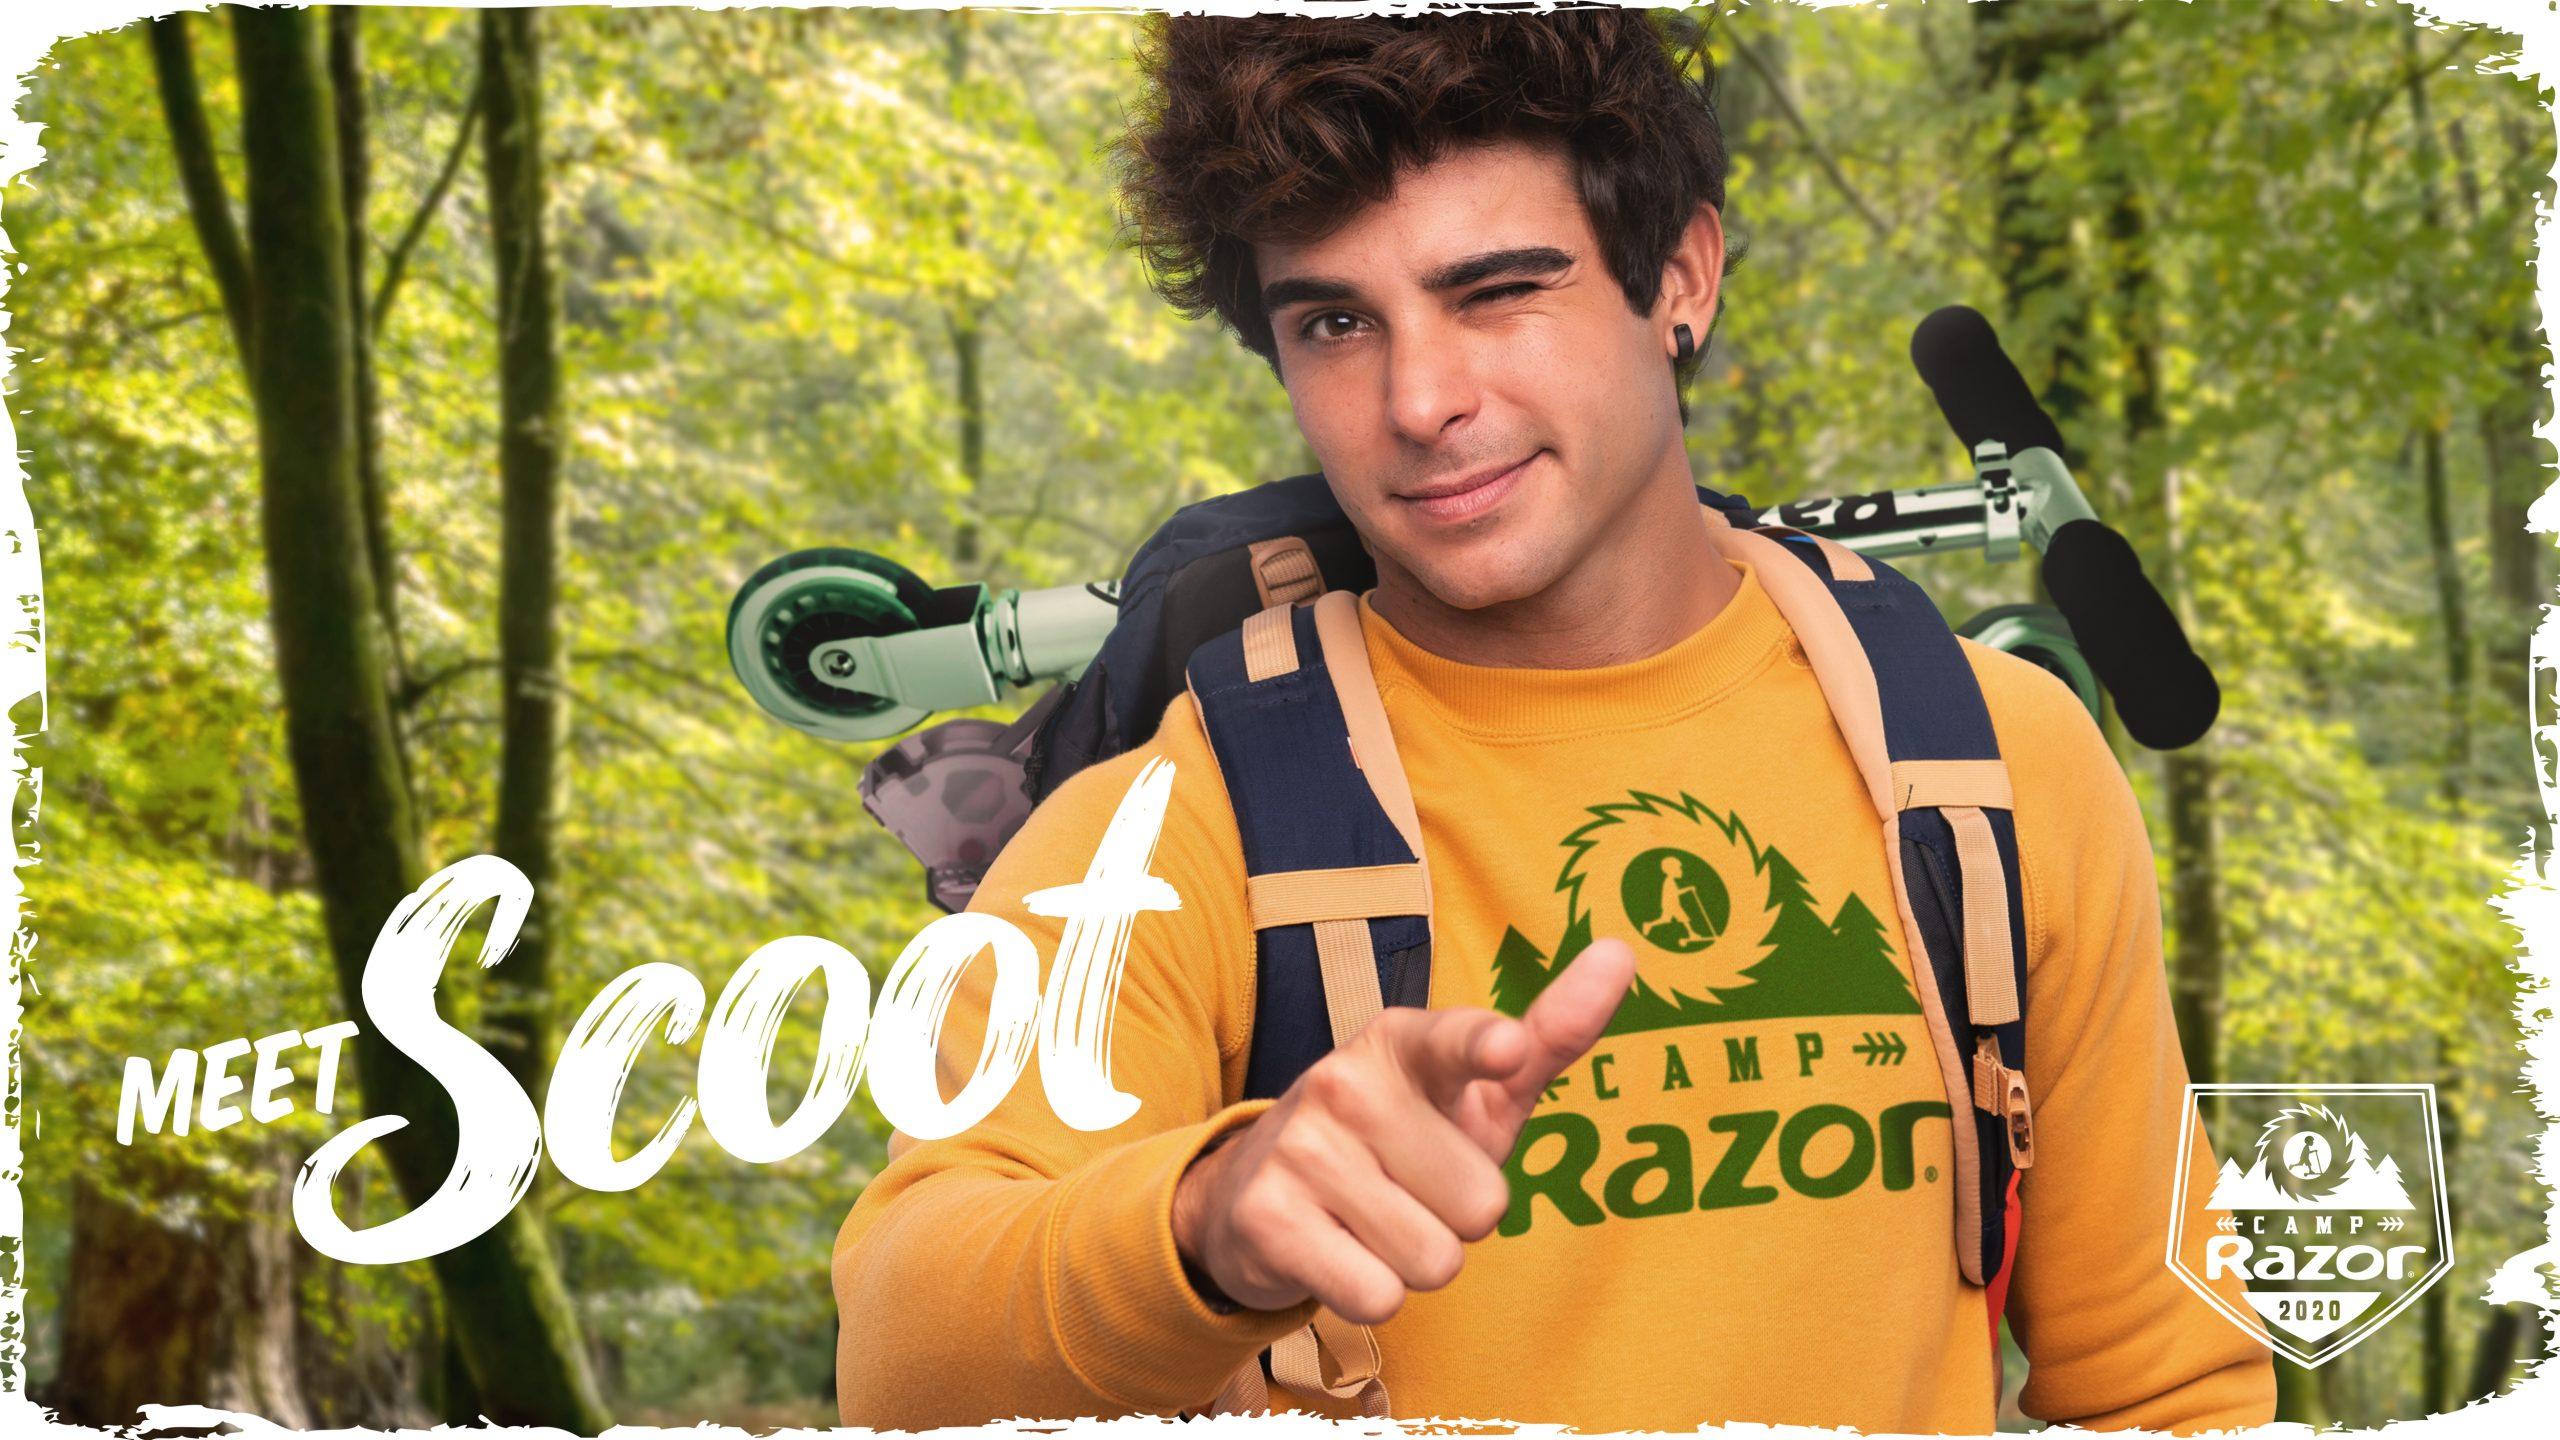 meet scoot